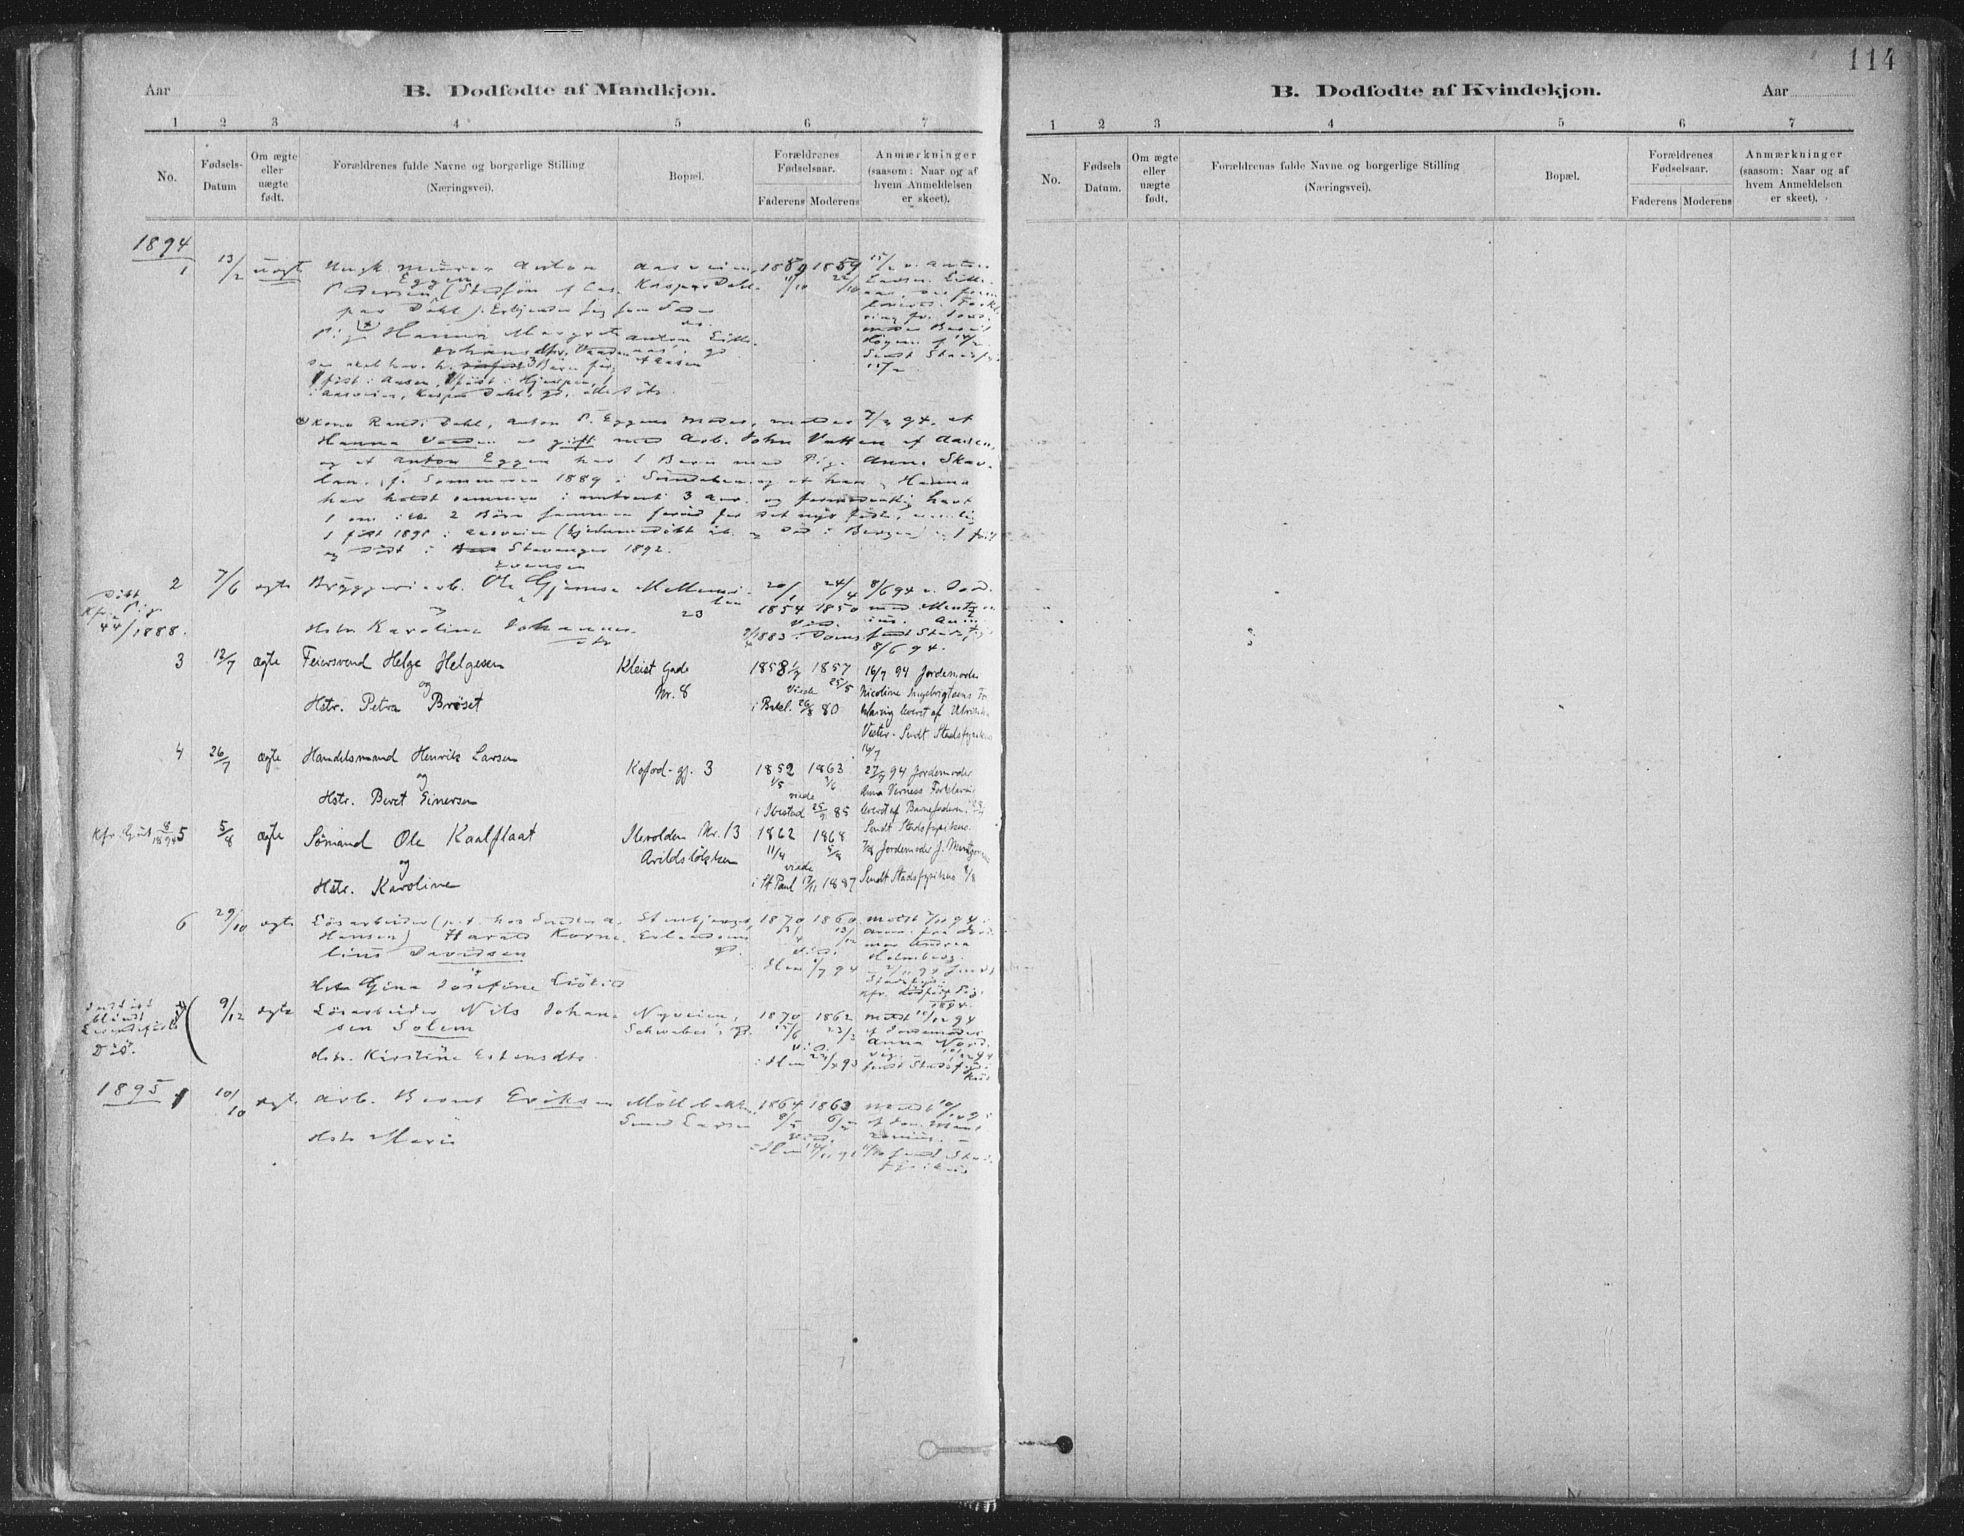 SAT, Ministerialprotokoller, klokkerbøker og fødselsregistre - Sør-Trøndelag, 603/L0162: Ministerialbok nr. 603A01, 1879-1895, s. 114